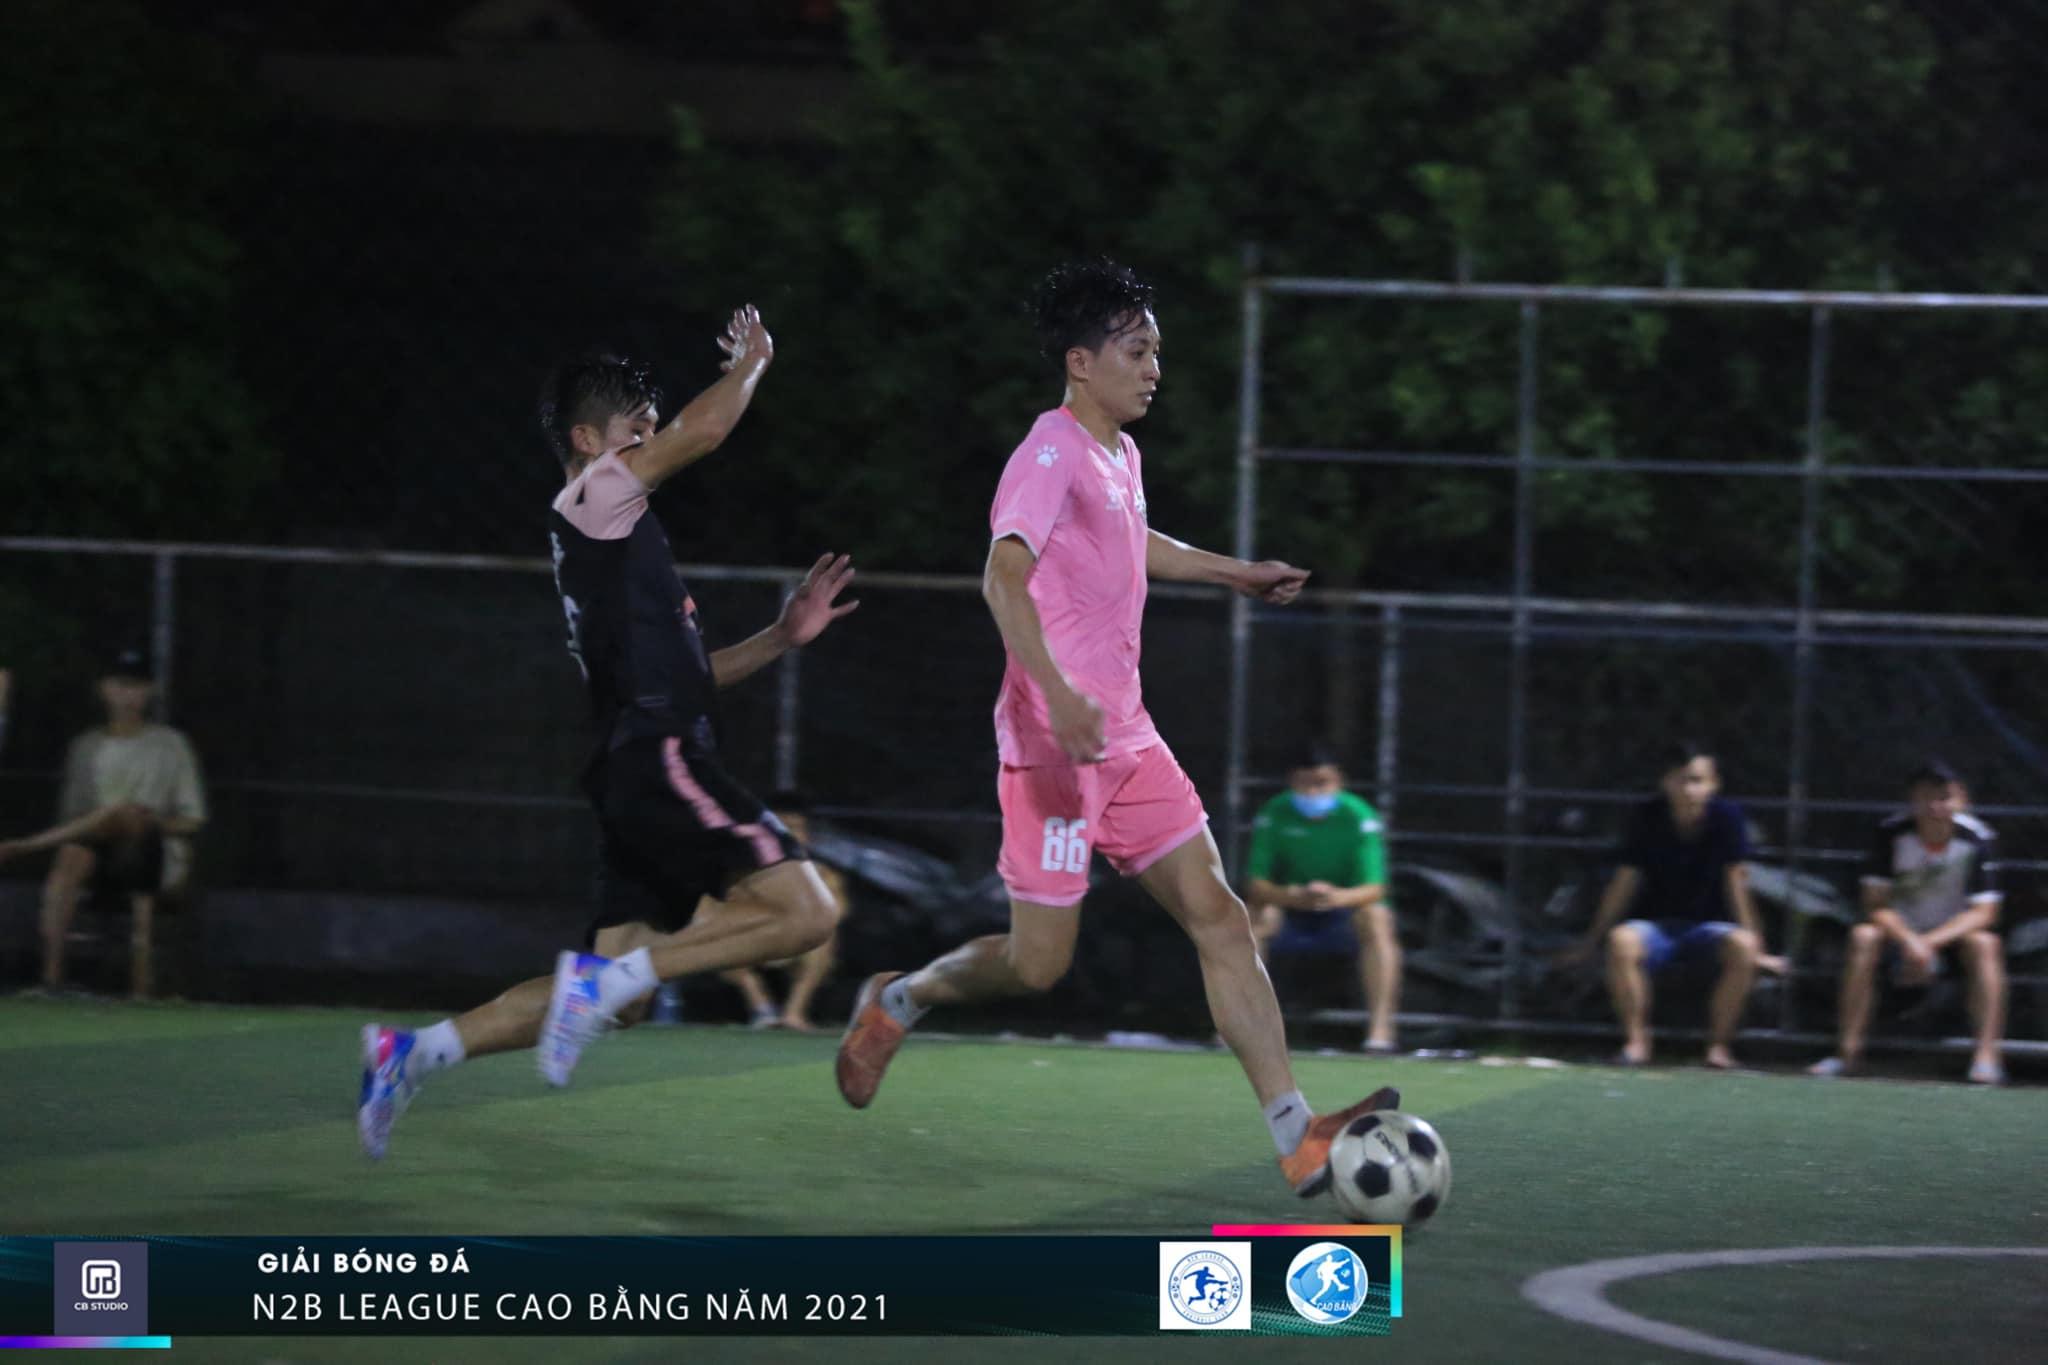 VÒNG 1 FC CHERRY VS FC ĐAM MÊ